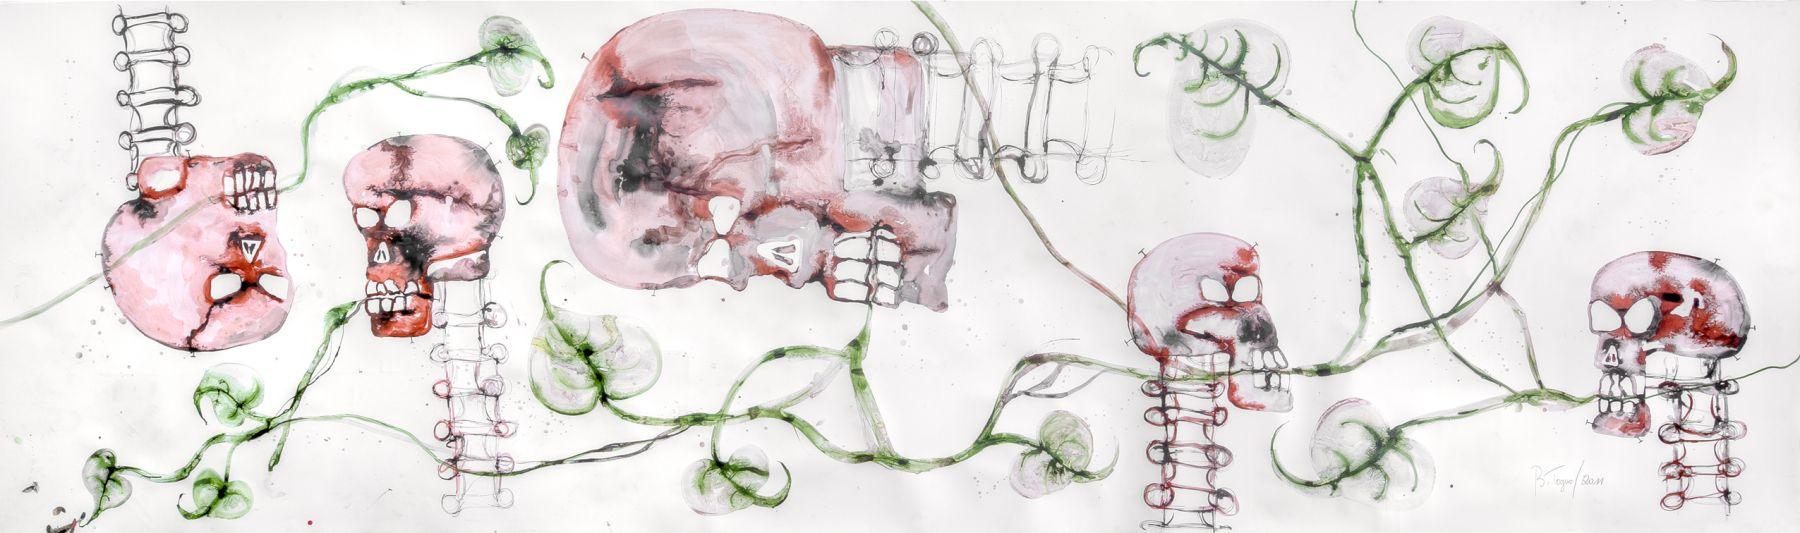 Barthélémy Toguo, Le chant des amoureux, 2011